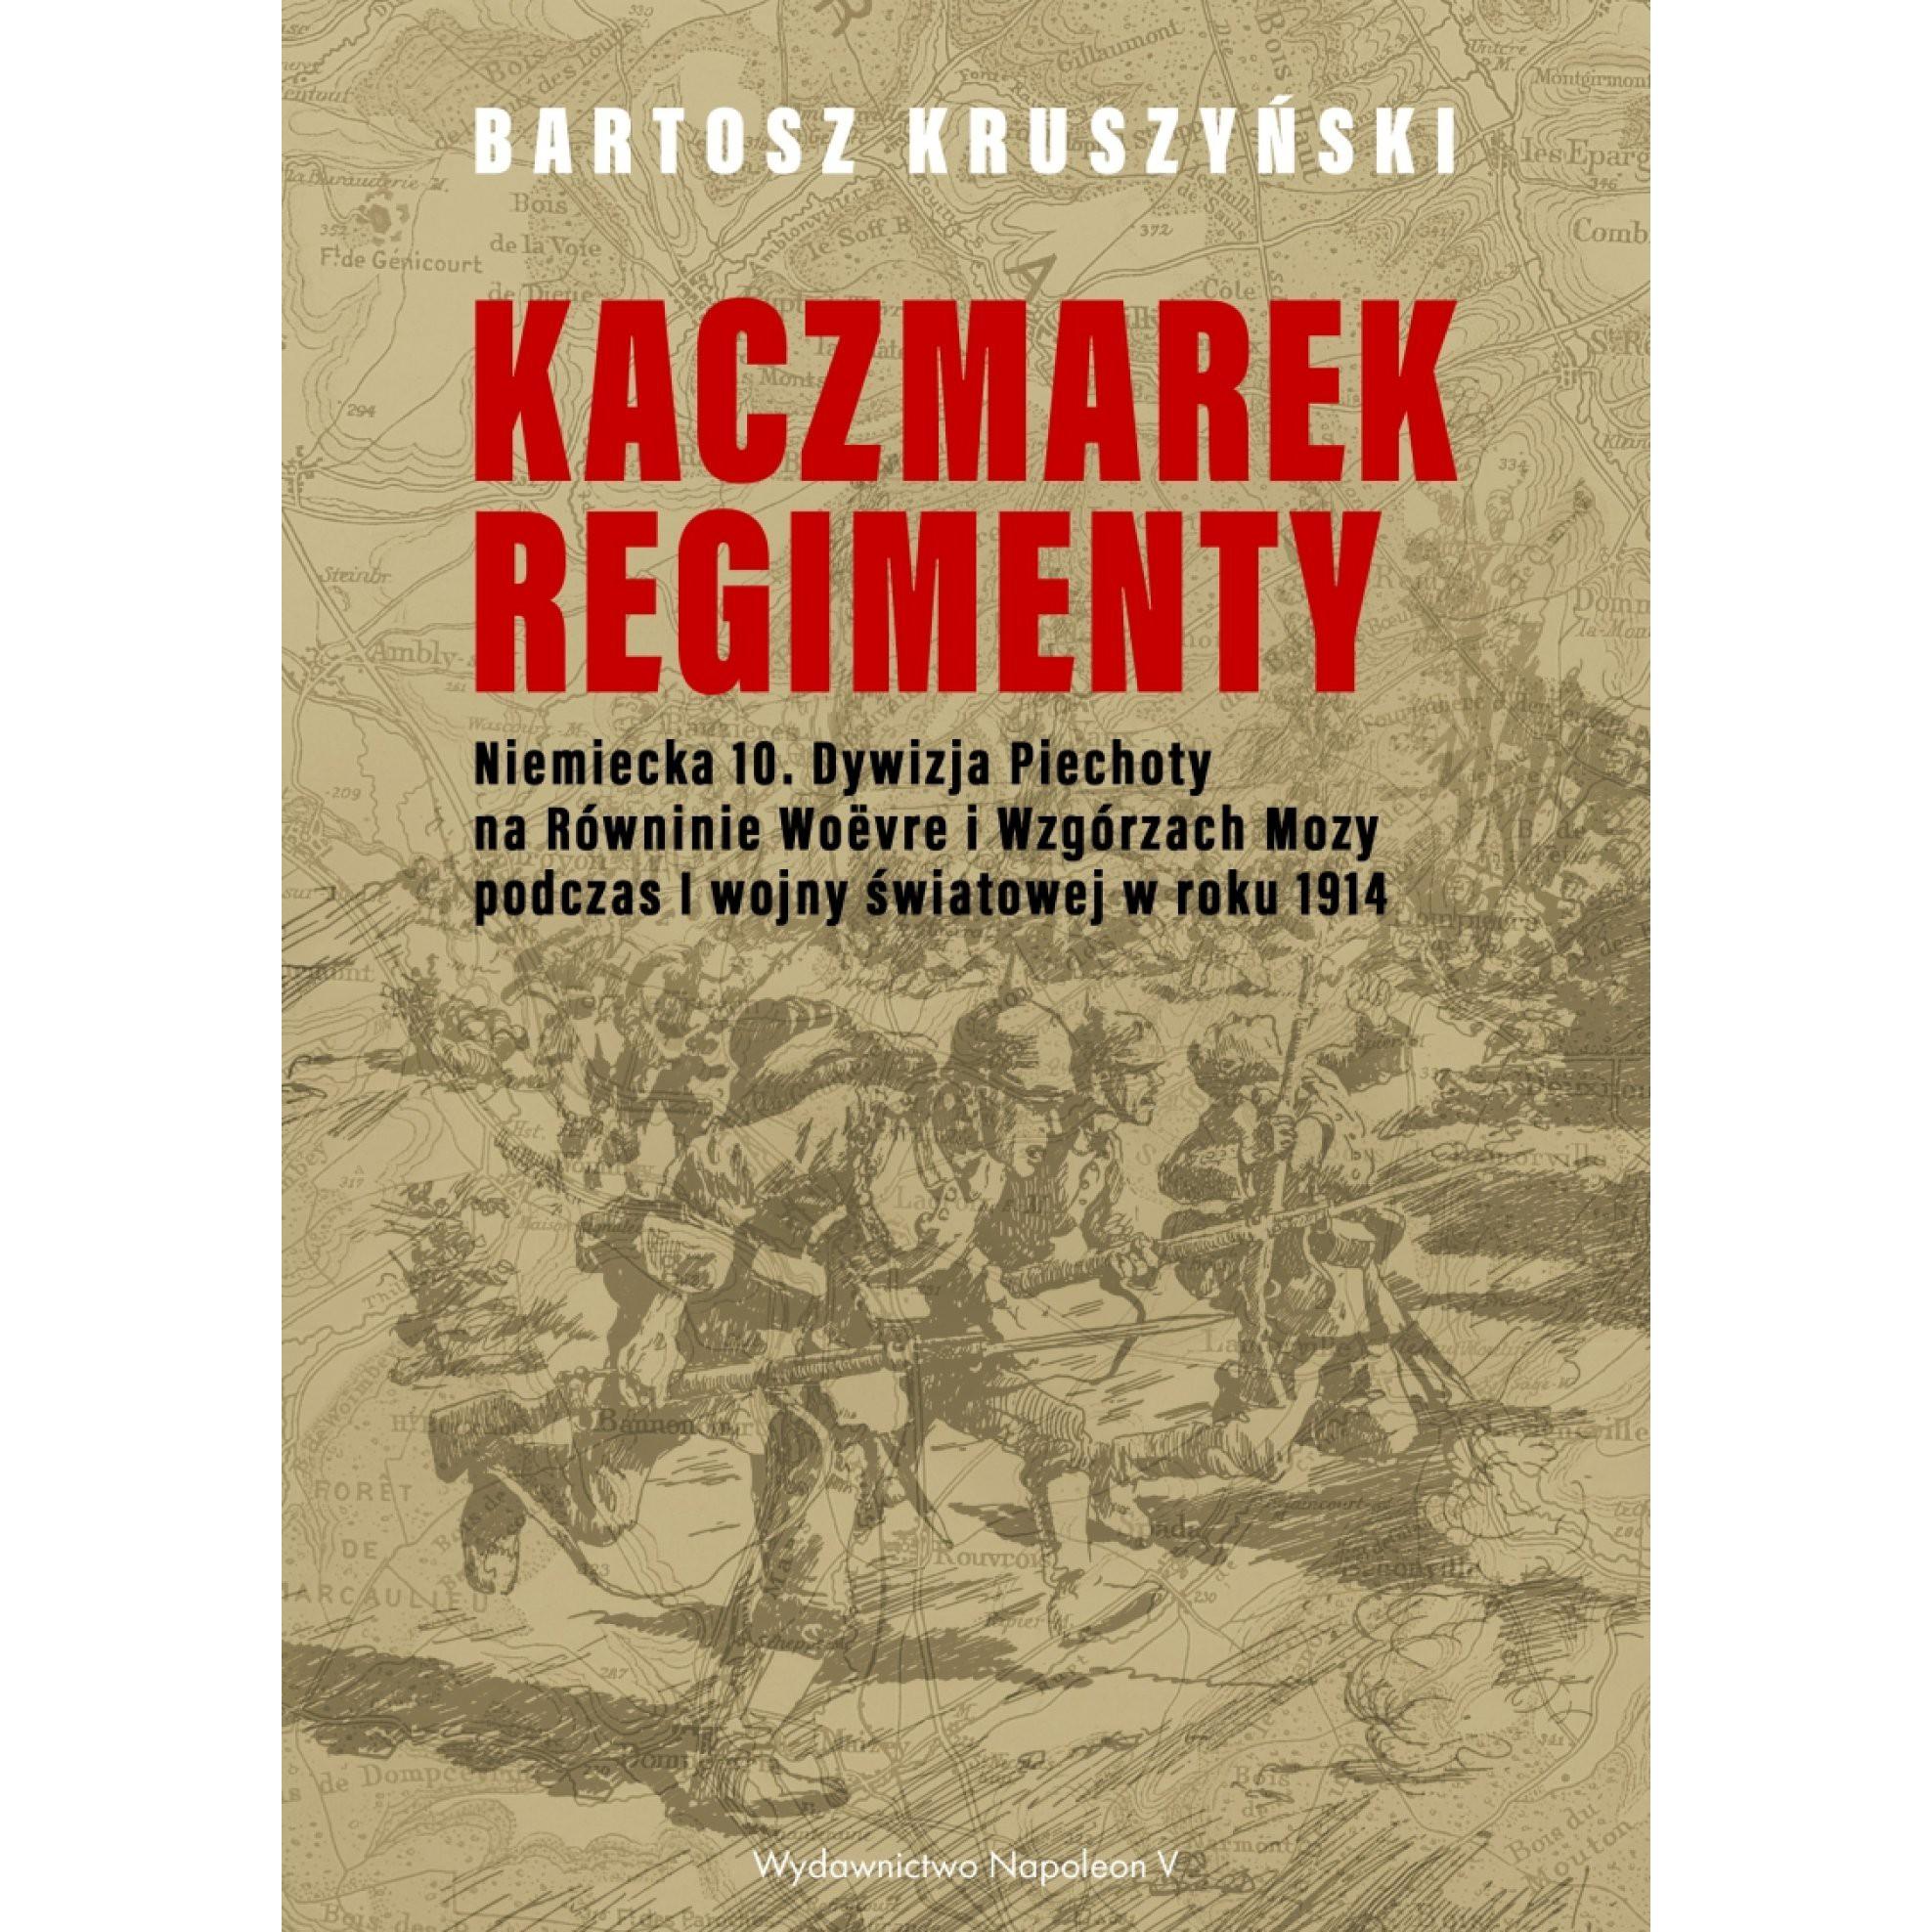 Kaczmarek-Regimenty. Niemiecka 10. Dywizja Piechoty na Równinie Woëvre i Wzgórzach Mozy podczas I wojny światowej w roku 1914